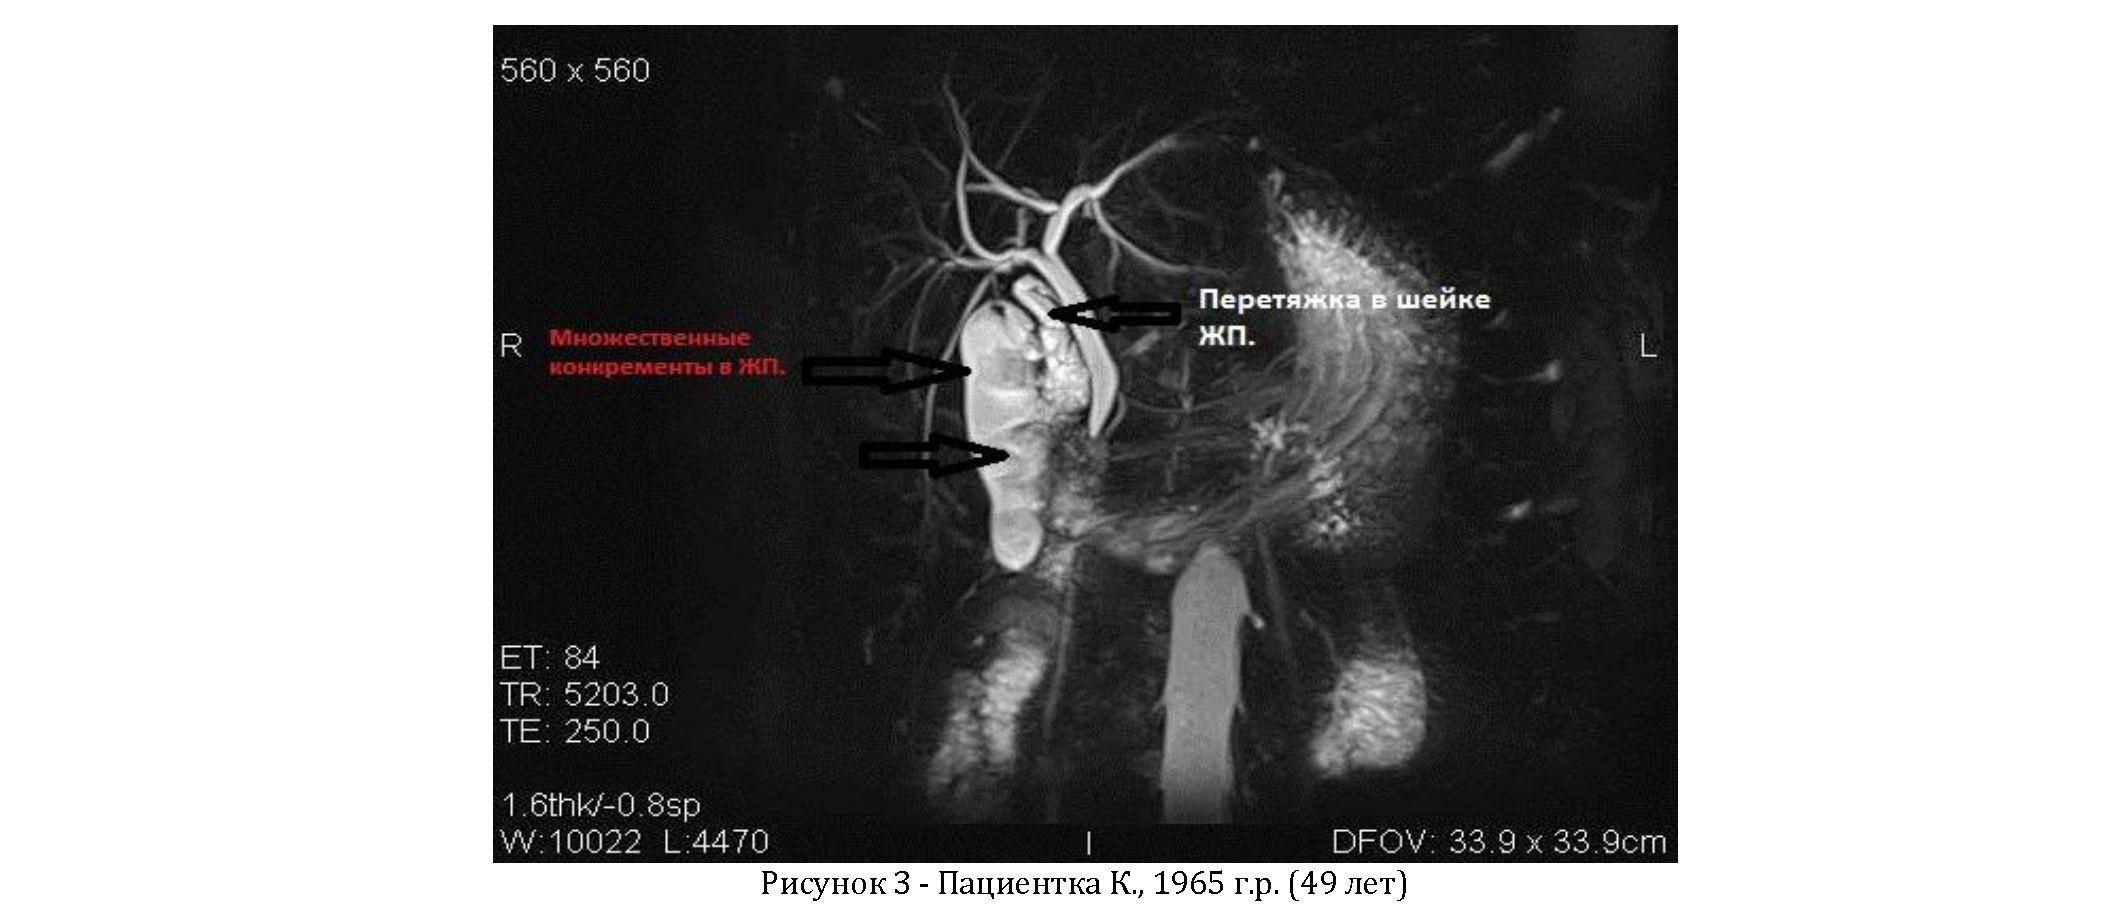 Проведение процедуры мрхпг. магнитно-резонансная холангиопанкреатография - мрхпг подготовка к проведению мрхпг